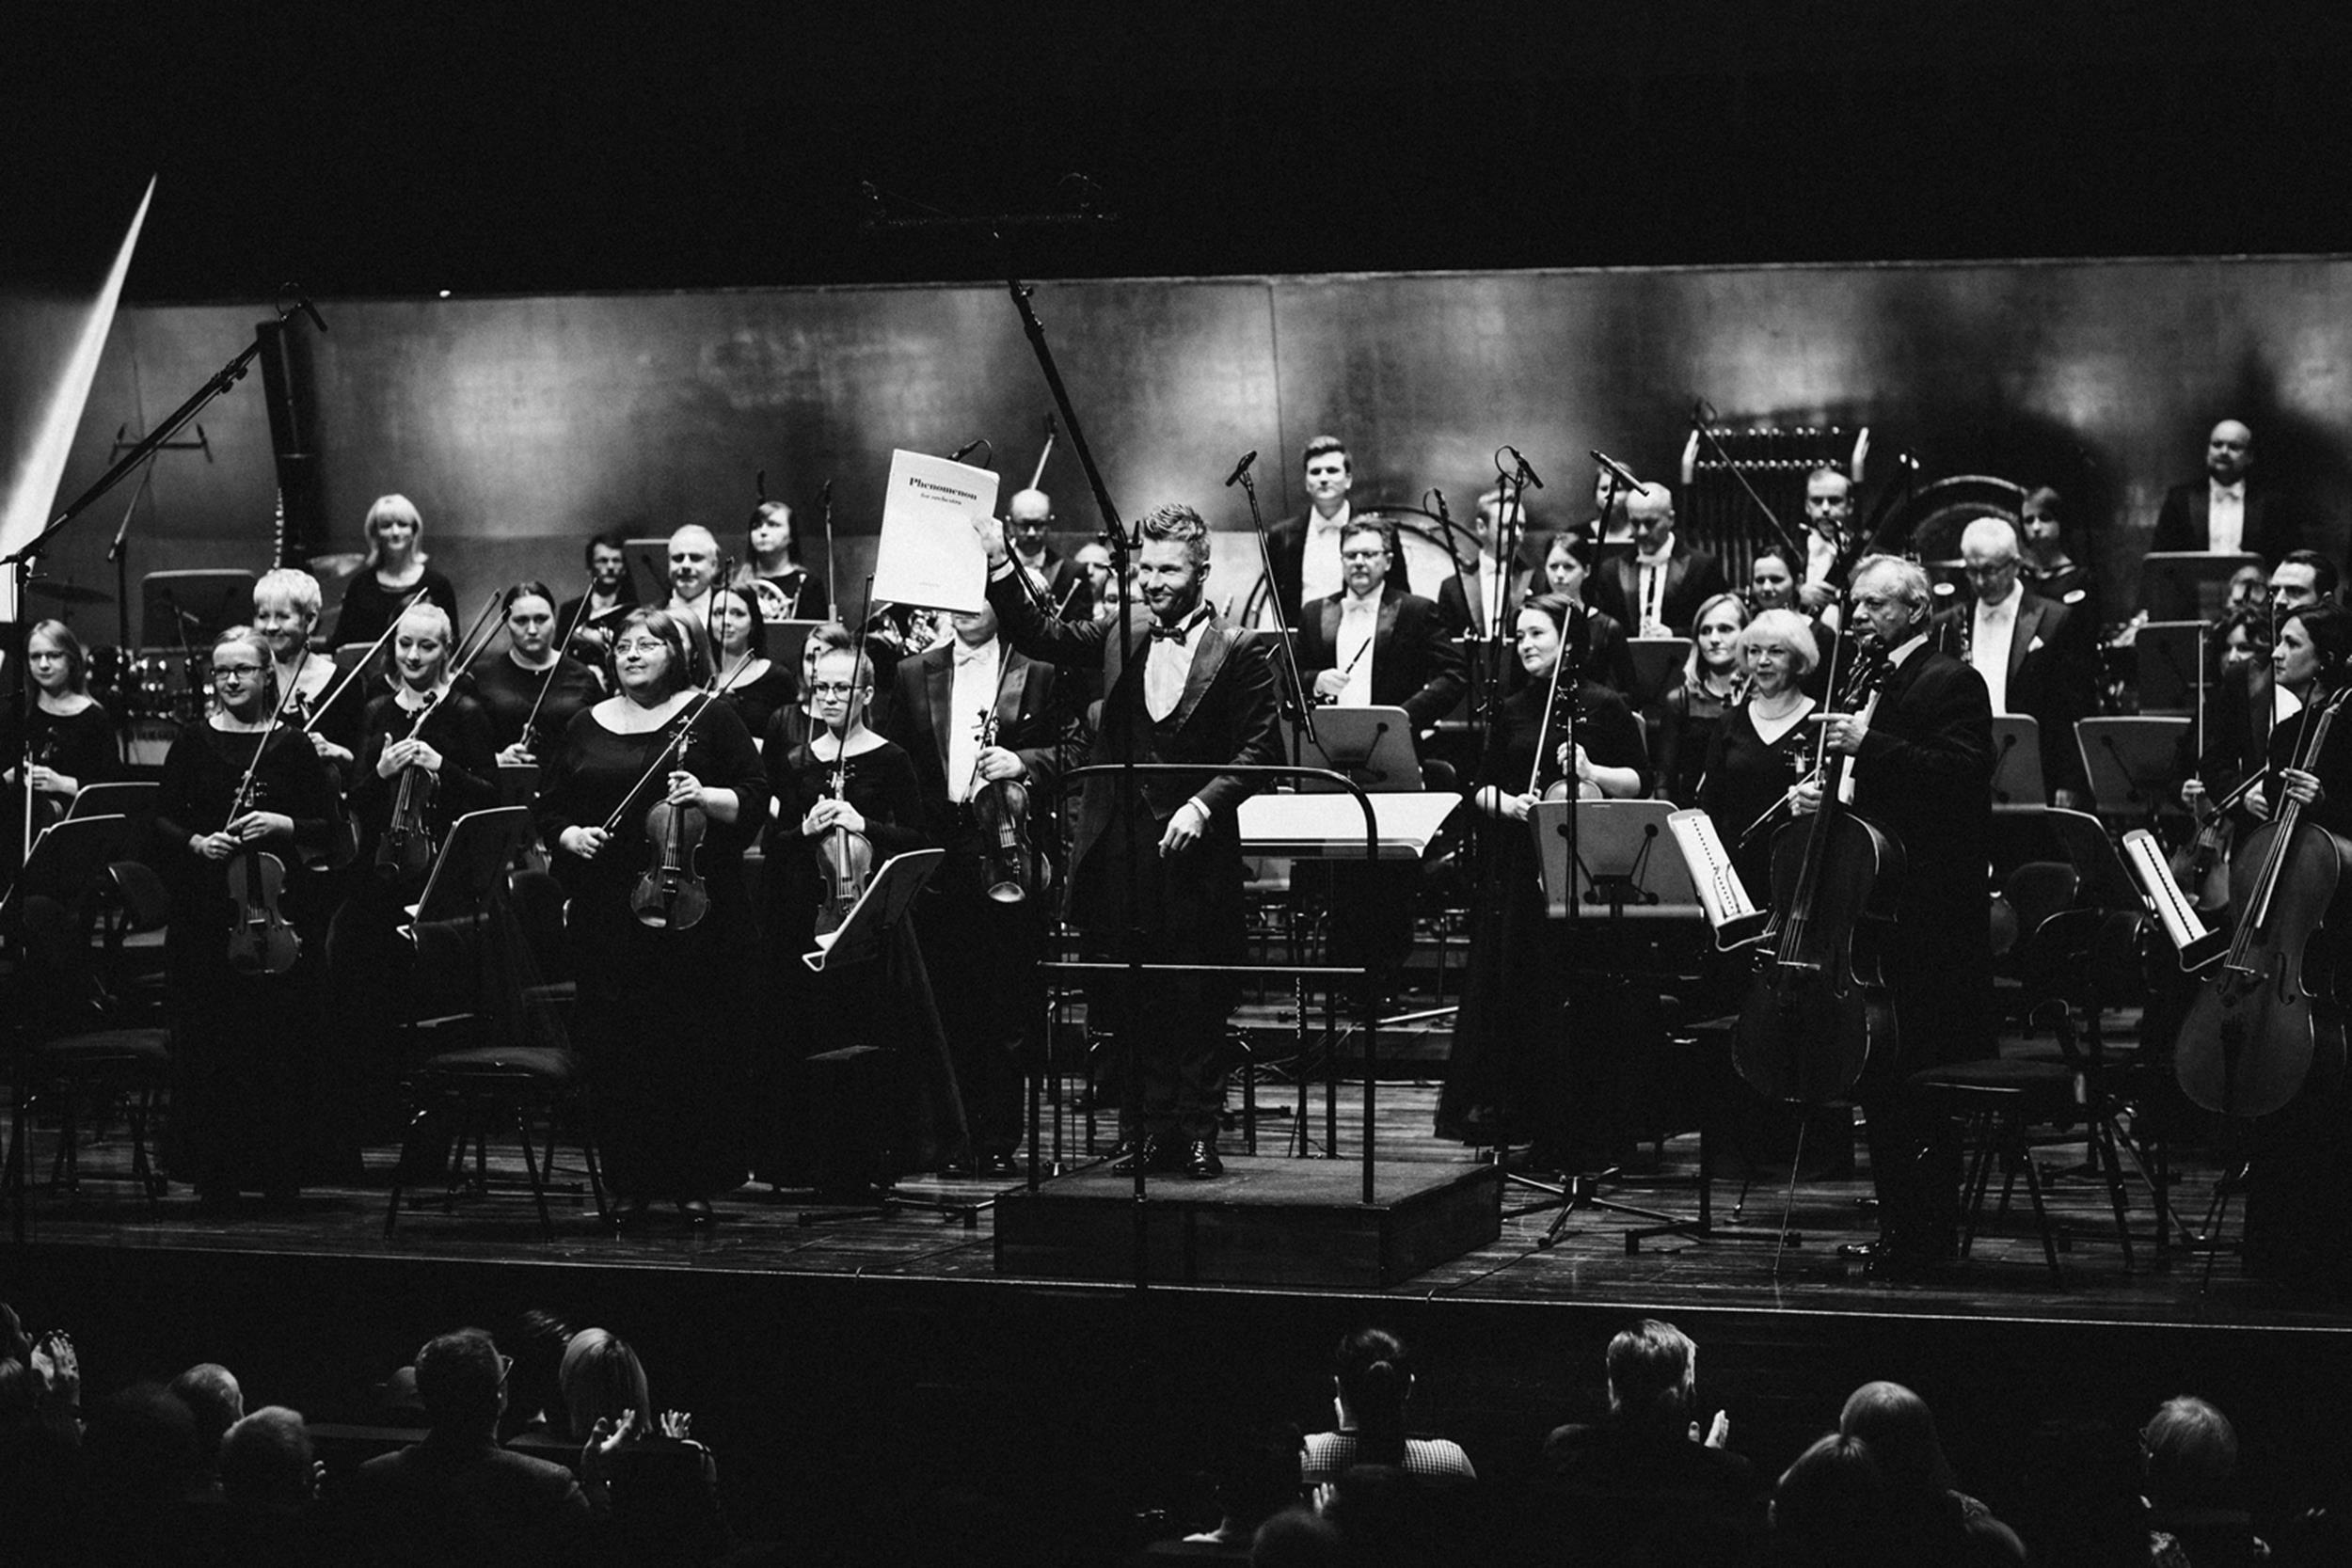 Adam Sztaba i Orkiestra Filharmonii im. M Karłowicza Fot. Kinga Karpati&Daniel Zarewicz PRESTIGE PORTRAIT